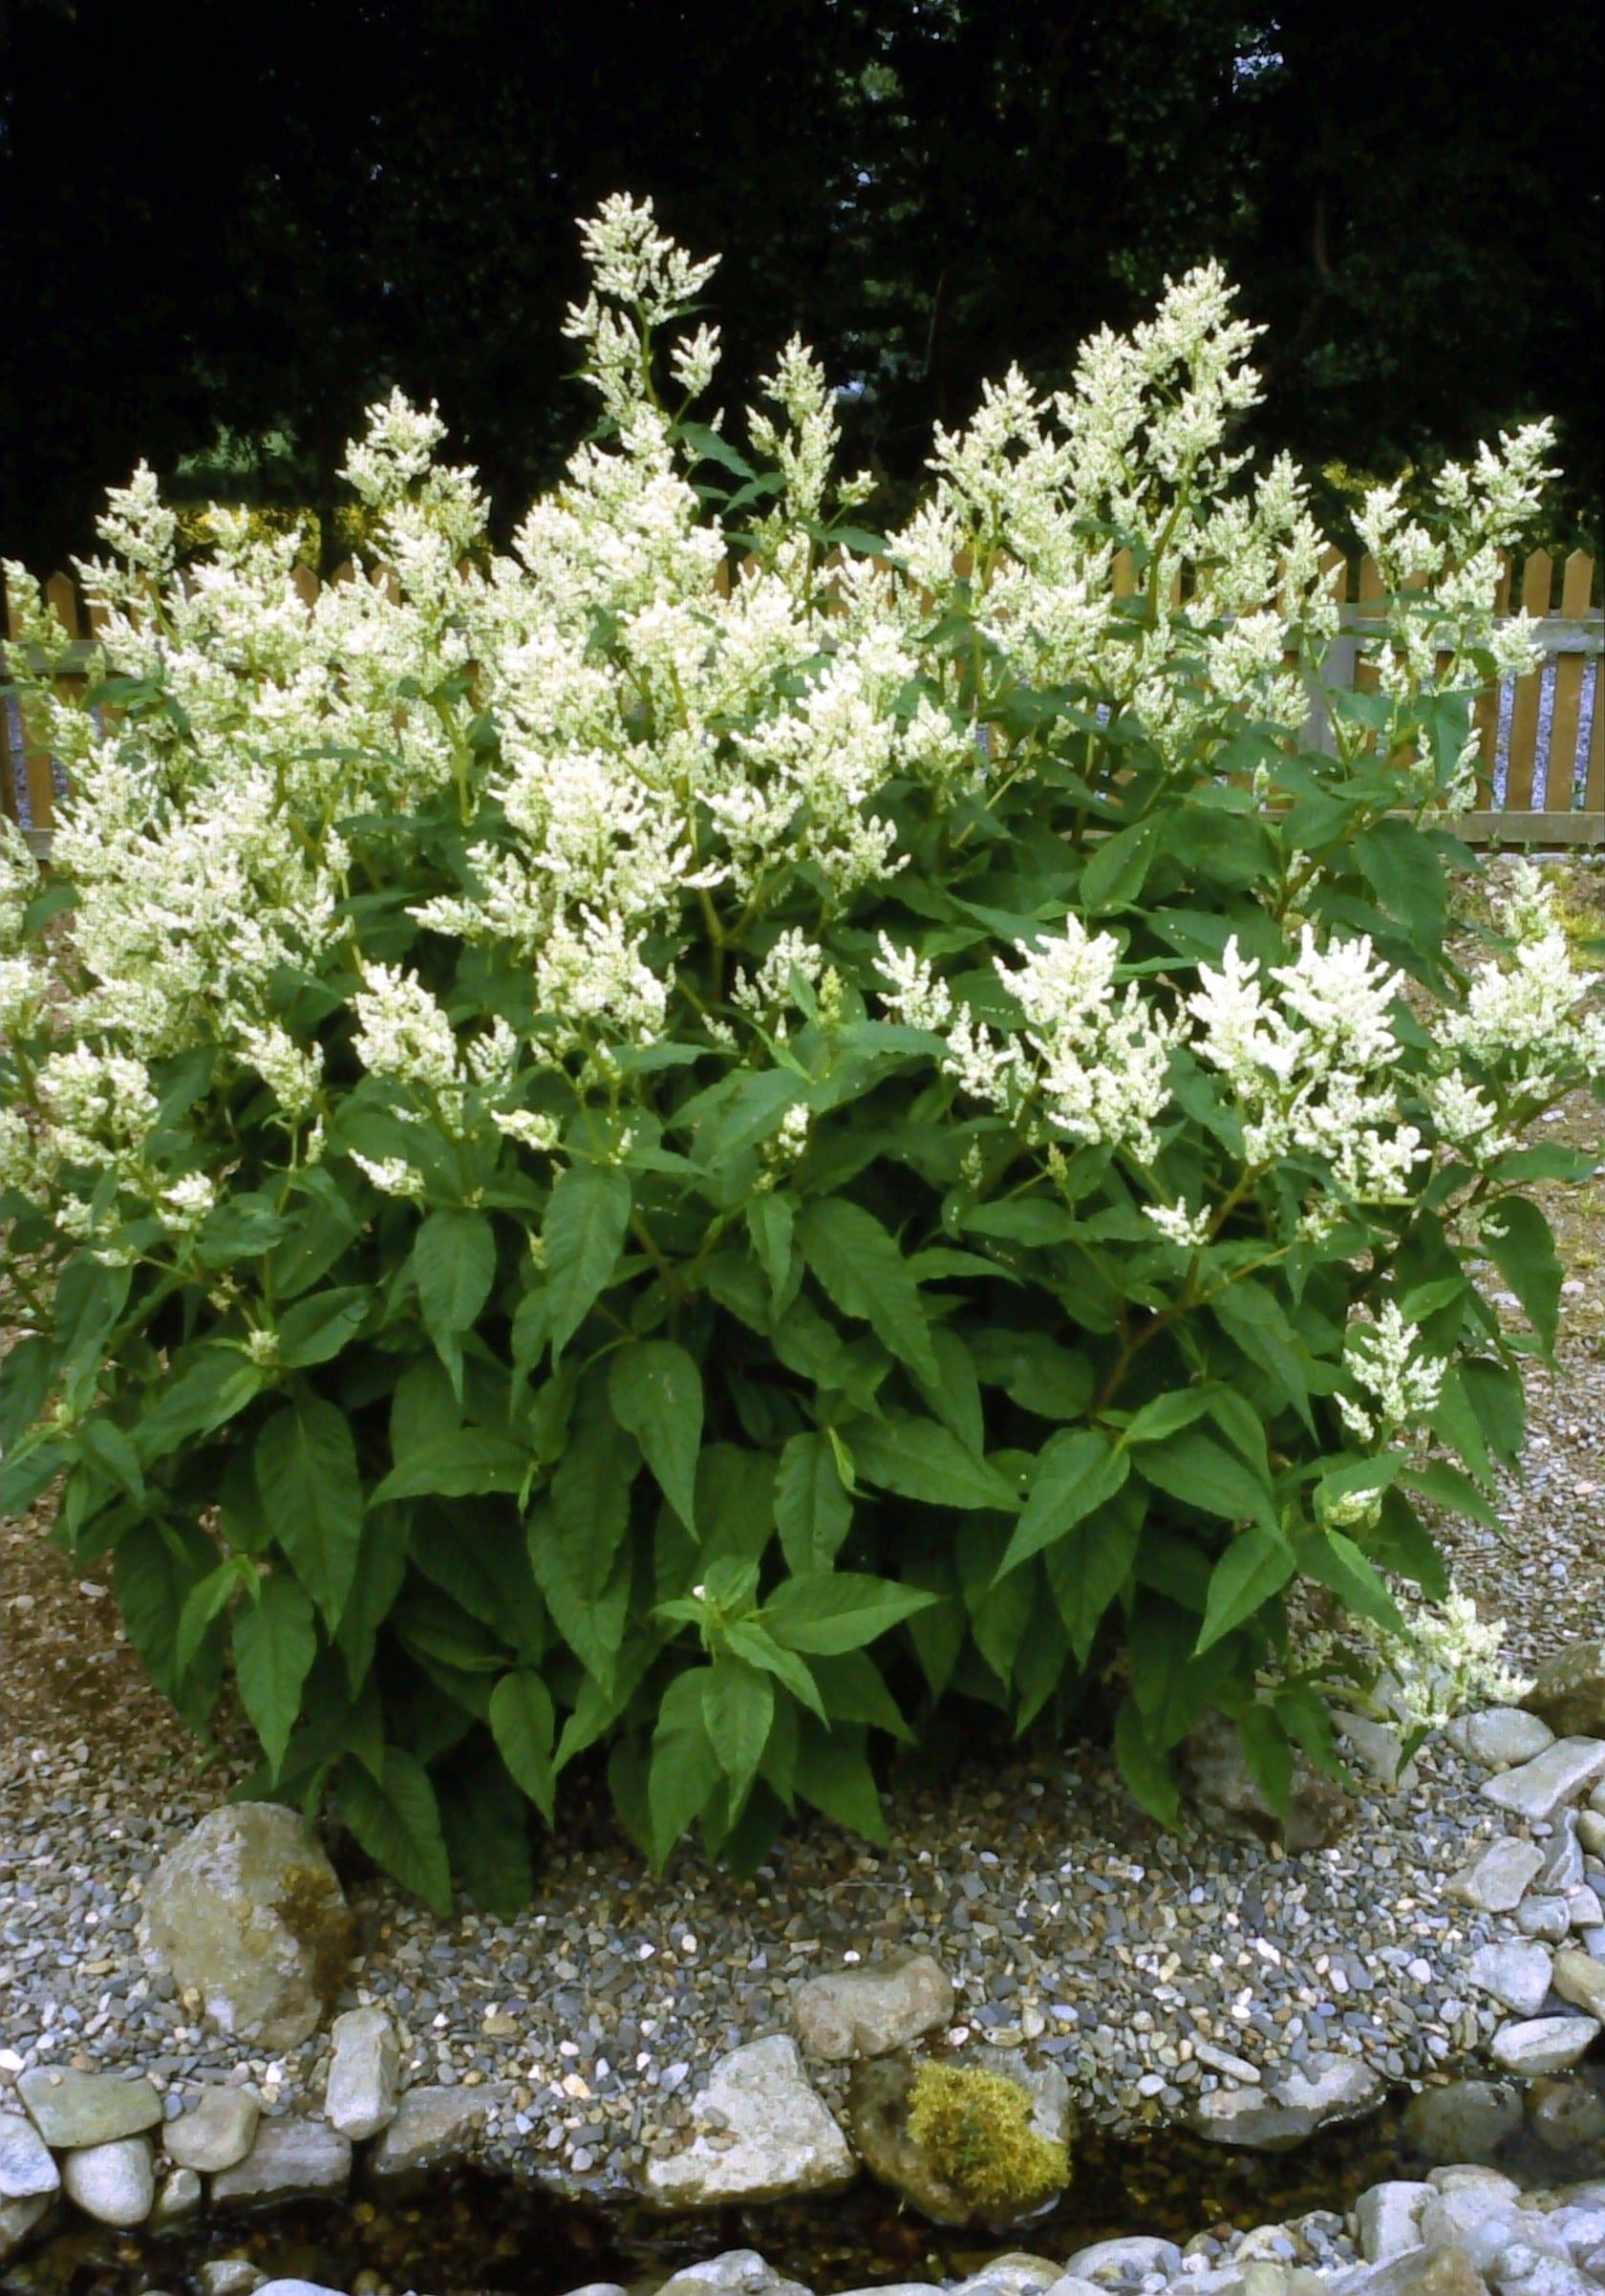 Penlan Perennials Nursery: Persicaria Alpina (syn. Persicaria Polymorpha)